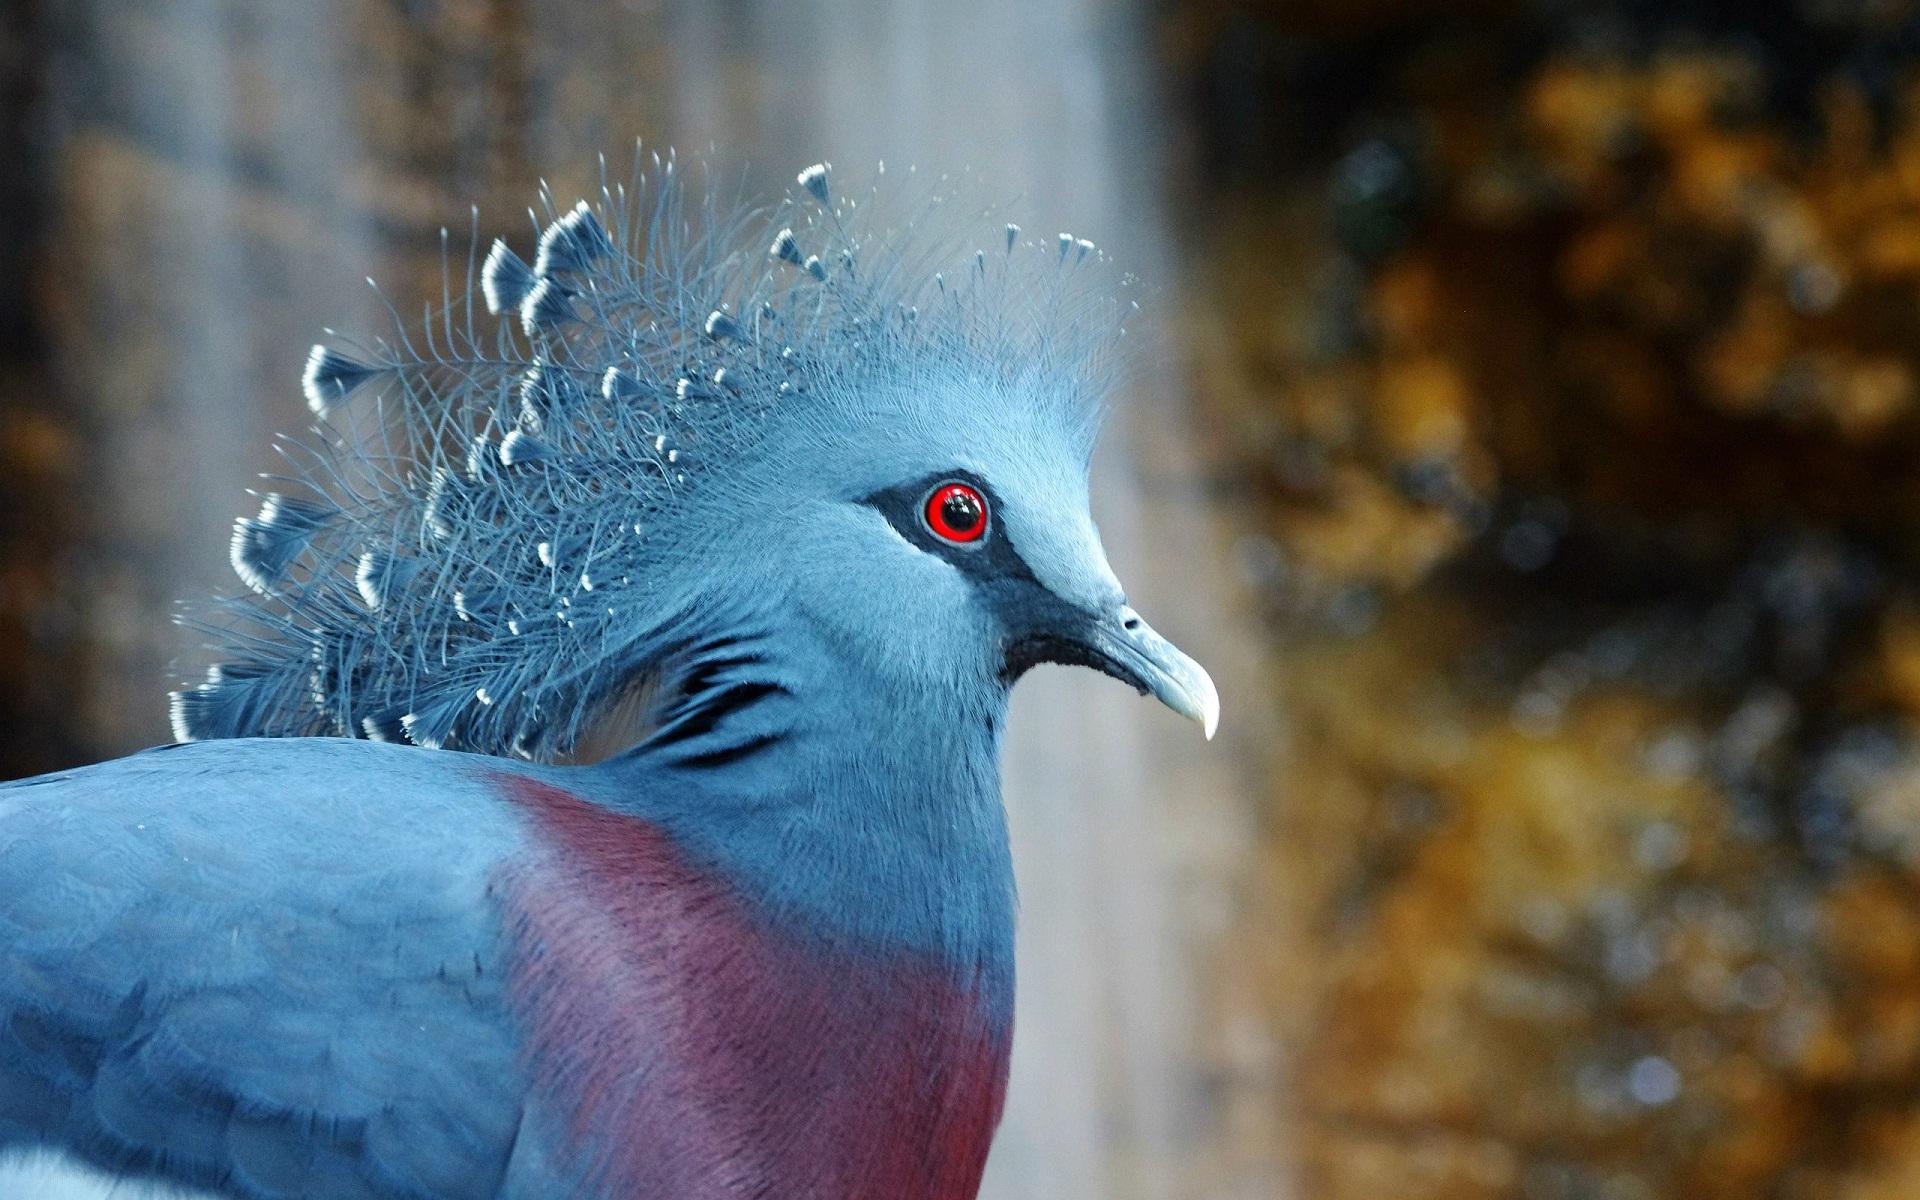 Hình nền con chim đẹp, chất lượng cao